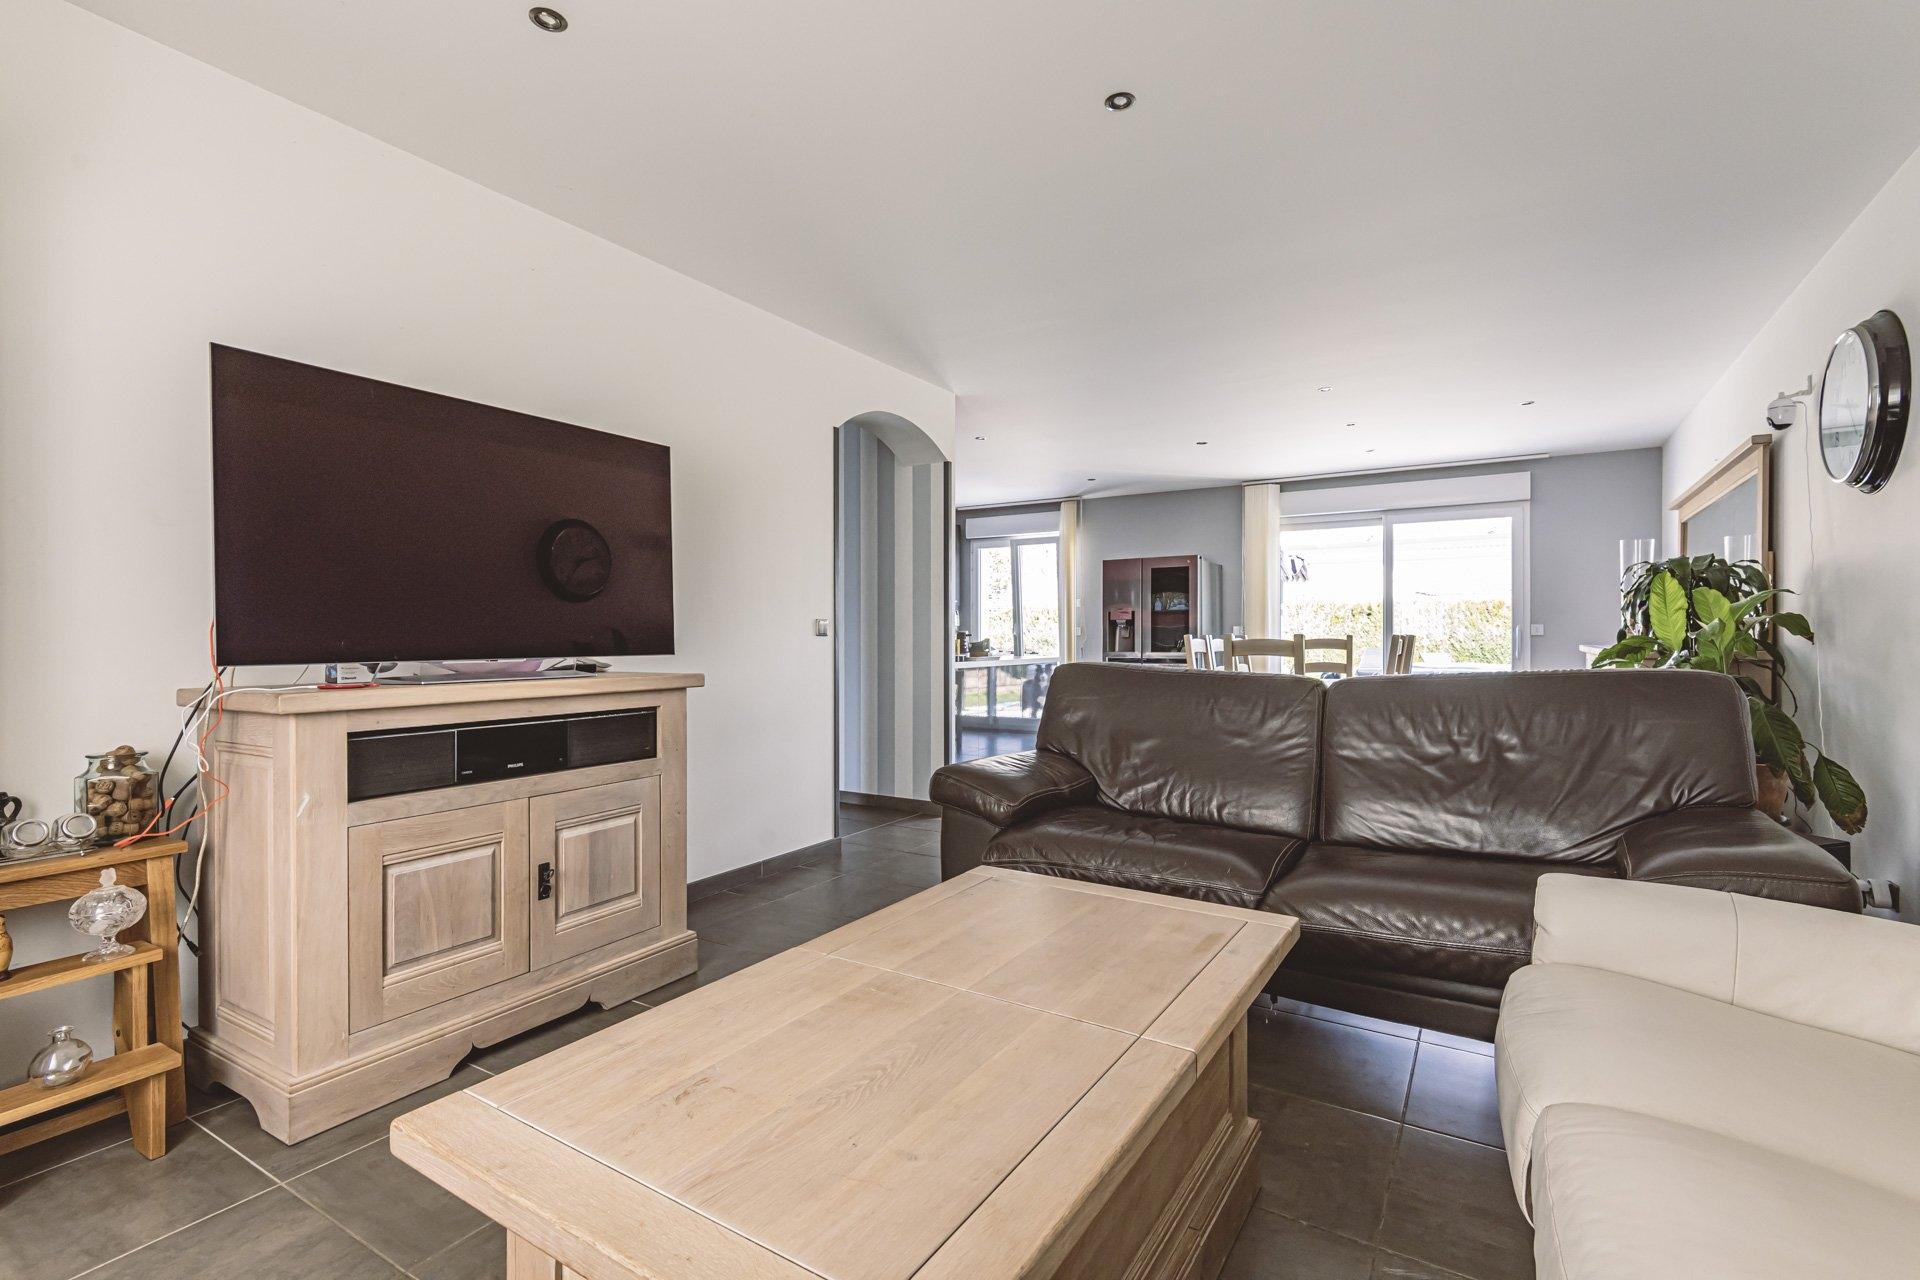 Maison Caurel 5 Pièces 123 m2 - Terrasse - Parking - 3